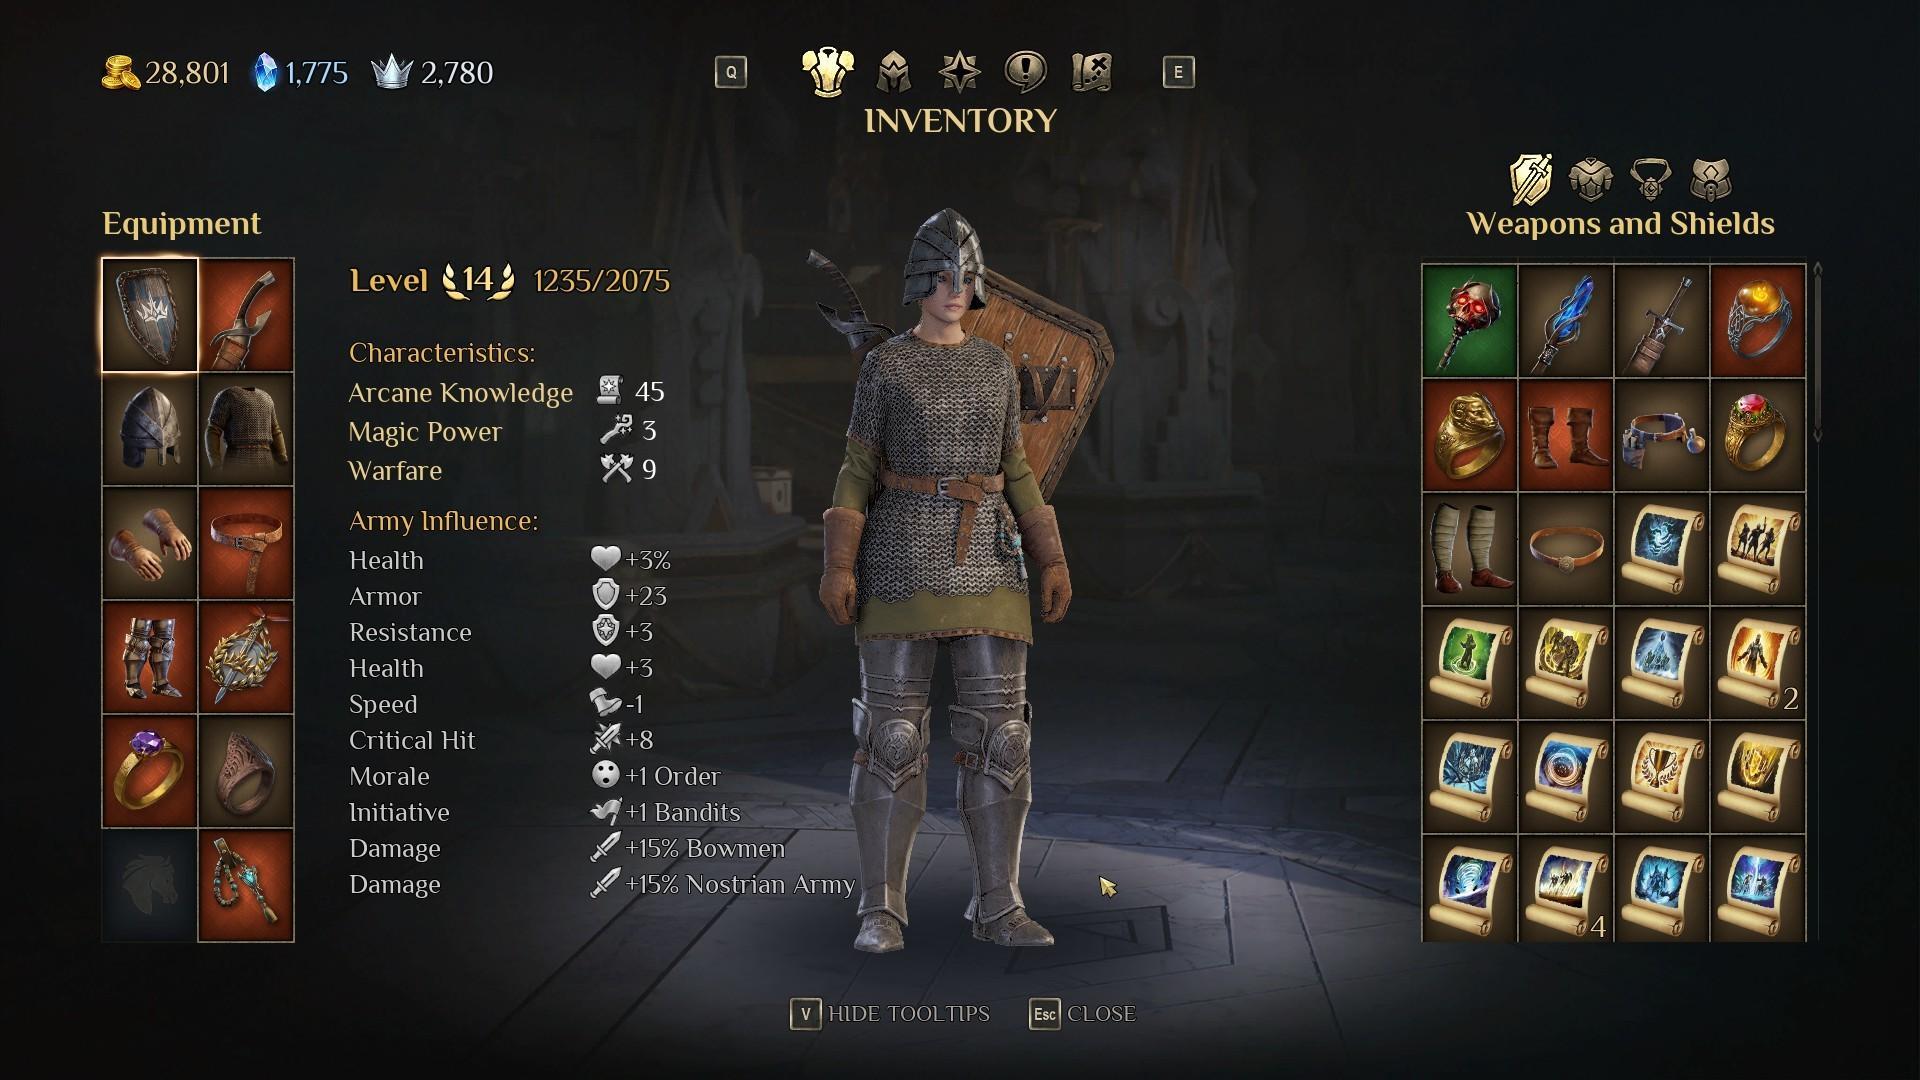 Postupne si vylepšujeme schopnosti a zbierame lepšiu výbavu ako pri typickom RPG.